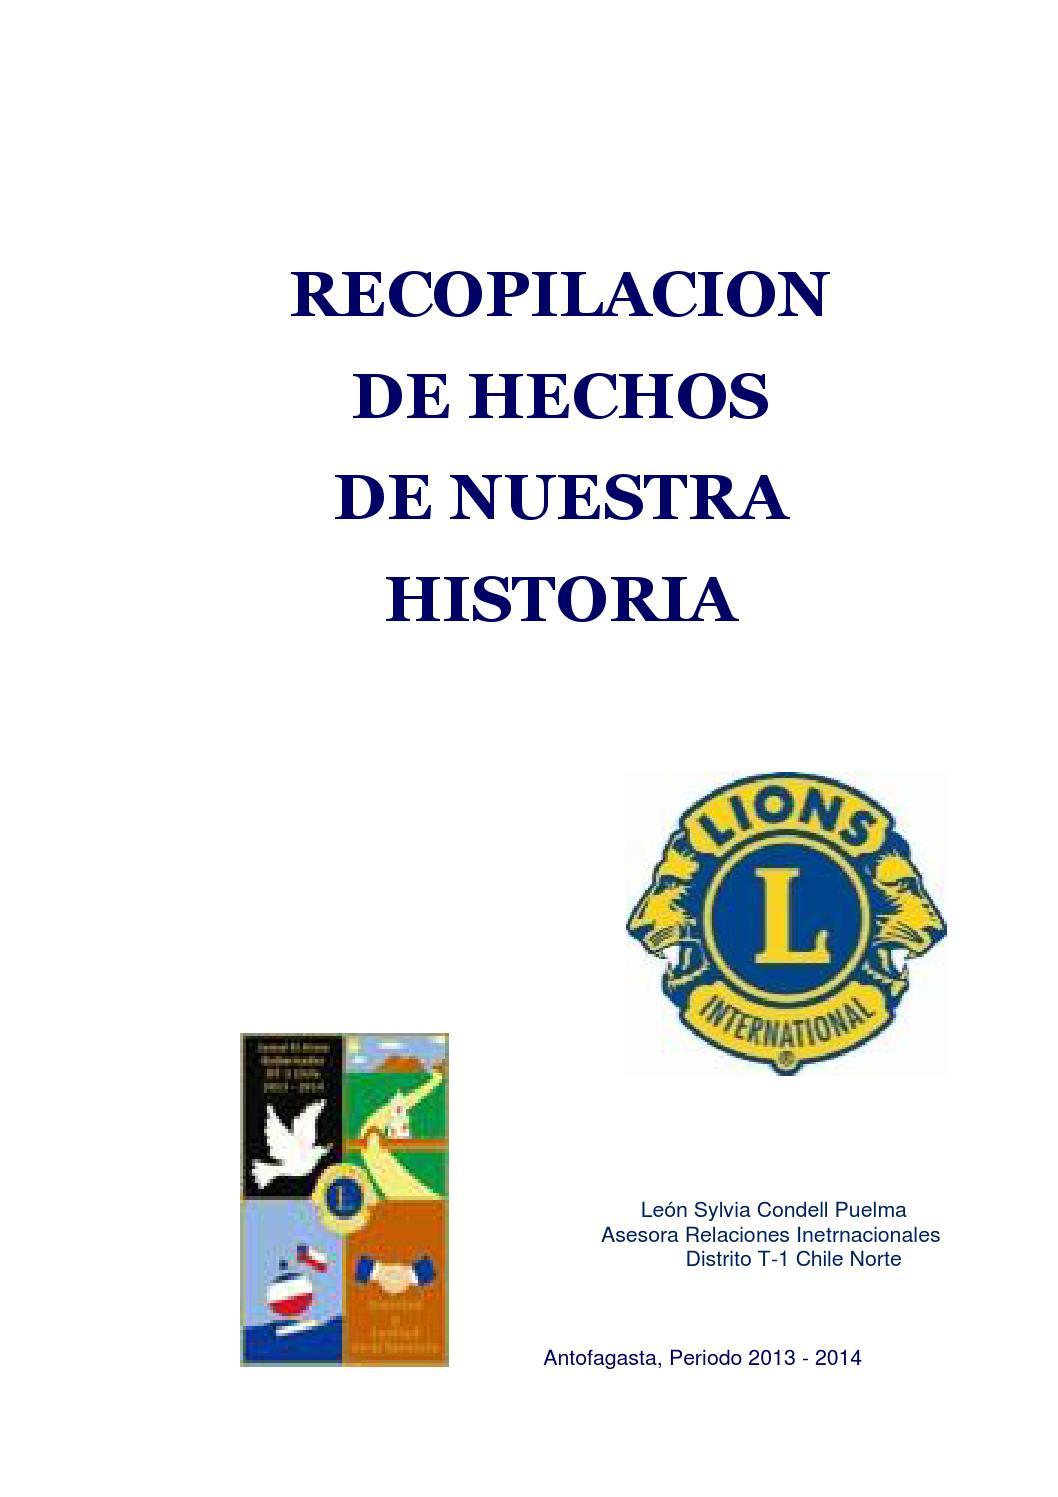 Recopilacion de hechos de nuestra historia by club leones - issuu